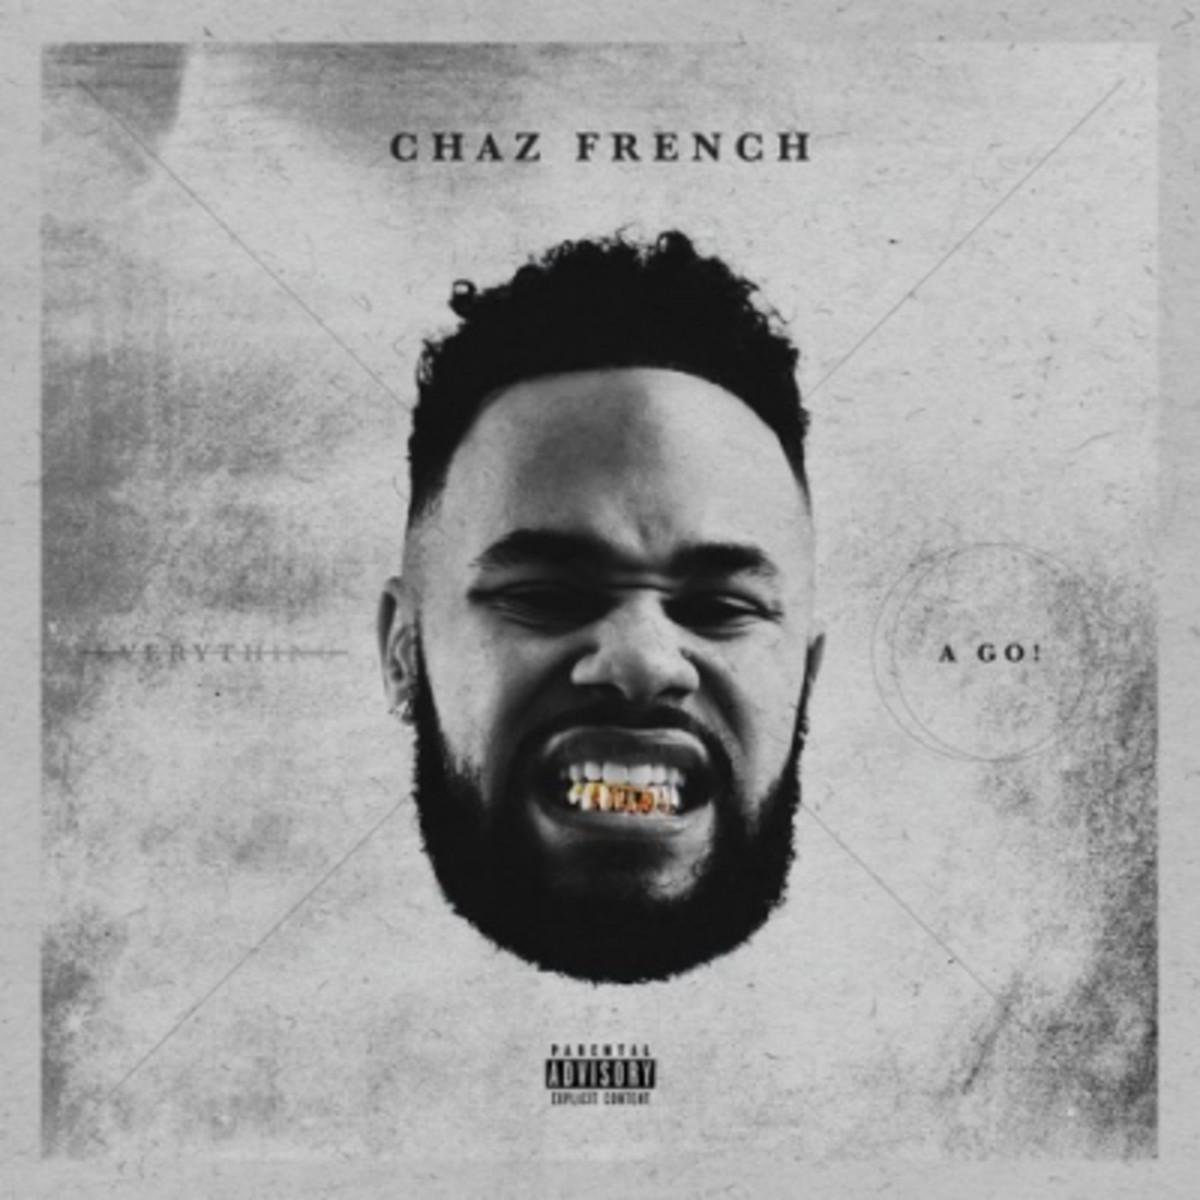 chaz-french-a-go.jpg